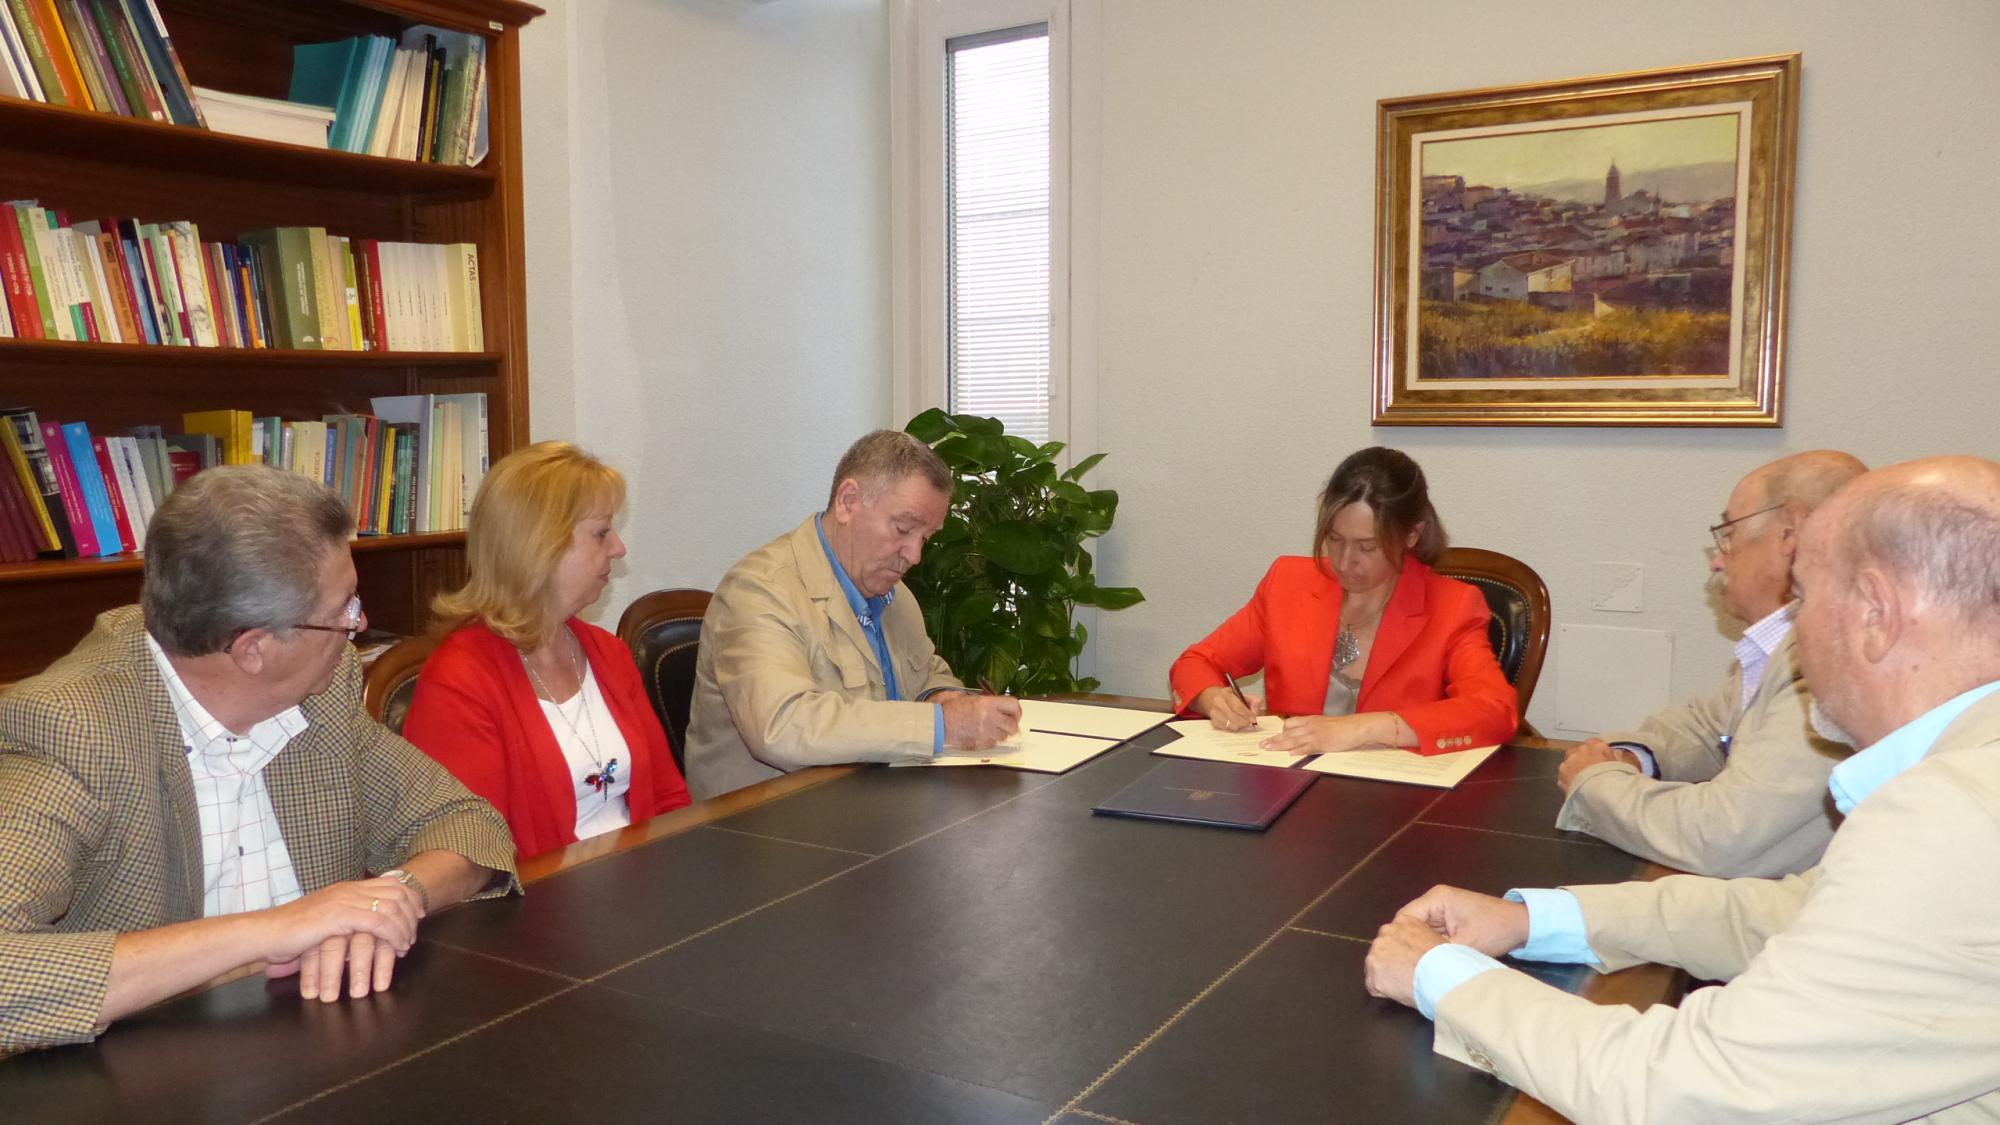 La Diputación y la Fundación Siglo Futuro refuerzan y amplían su colaboración para llevar la cultura por toda la provincia